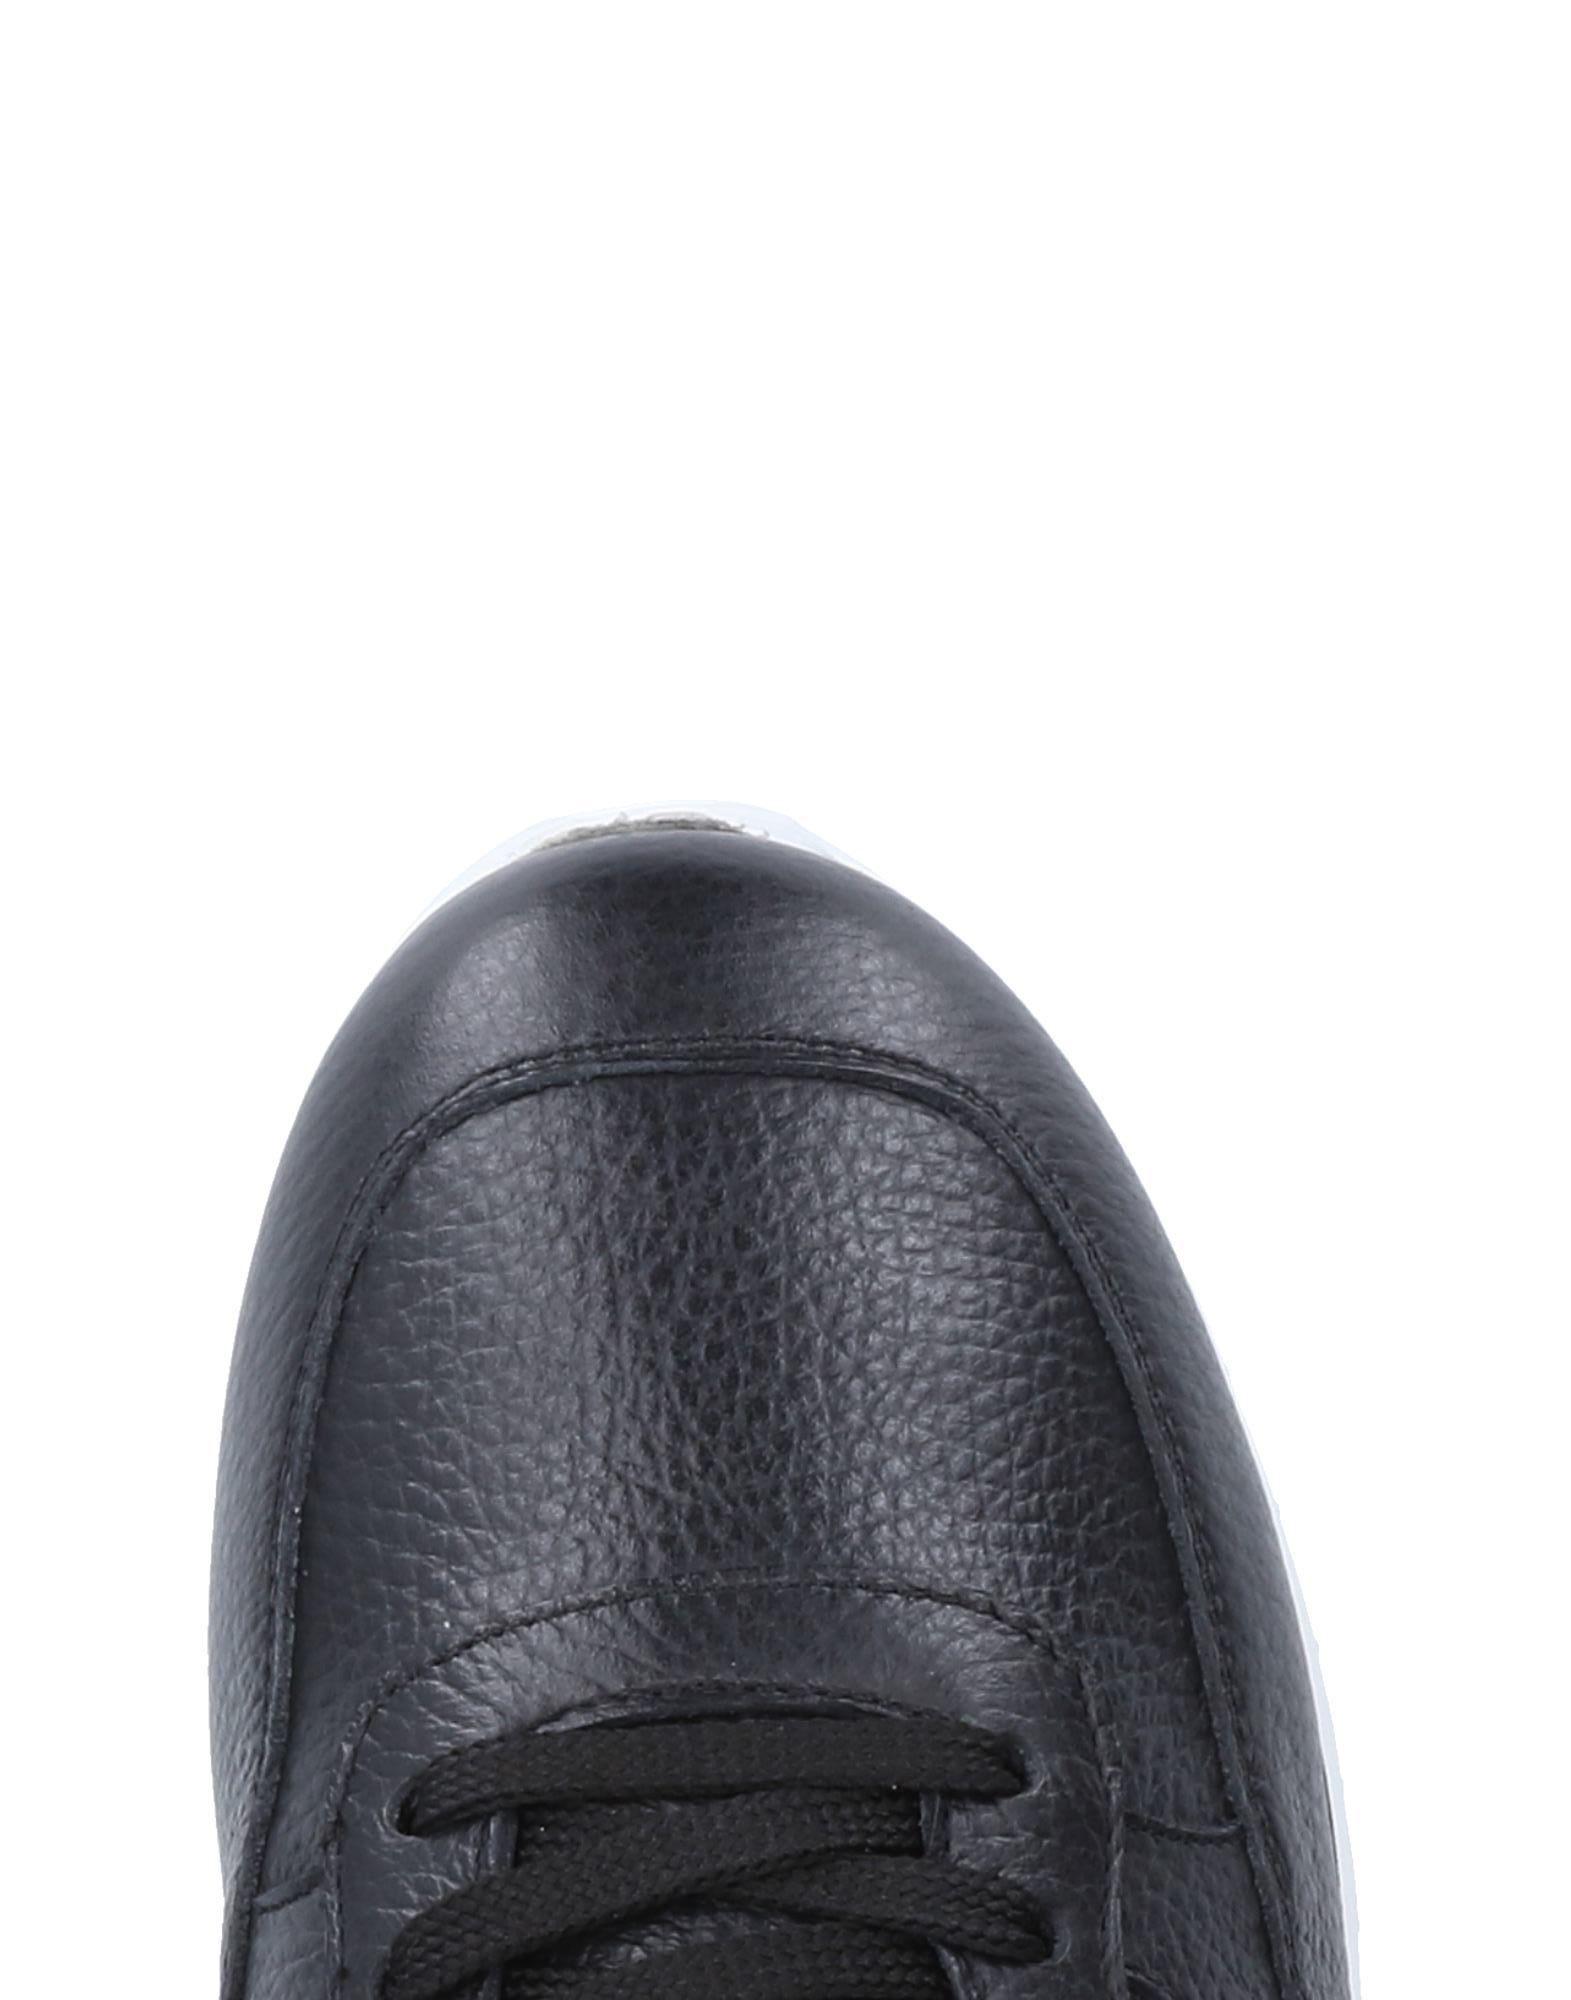 John Galliano Sneakers Herren Herren Sneakers  11516560OQ e99948